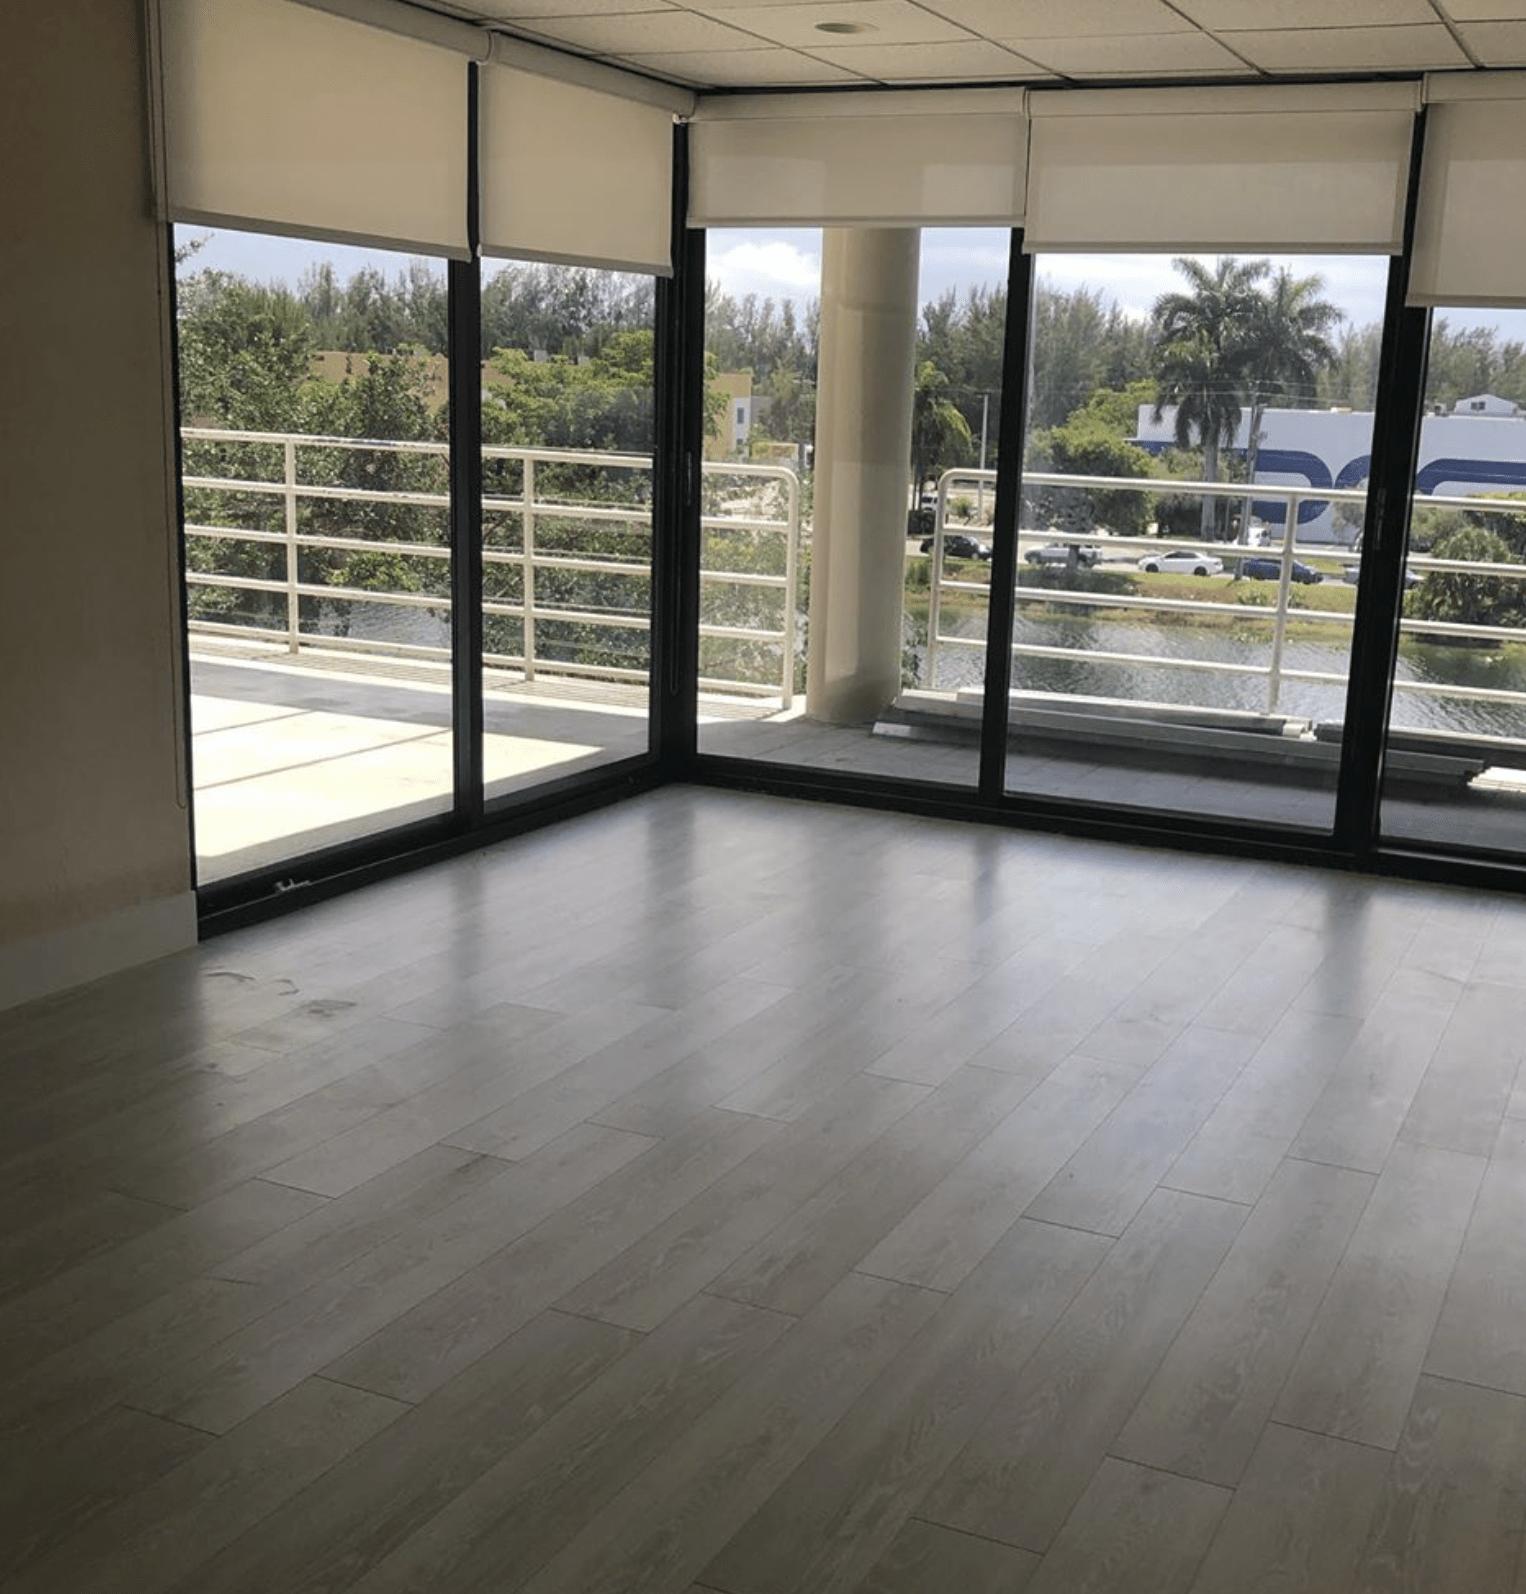 Vinyl plank flooring in Doral, FL from Global Wood Floors